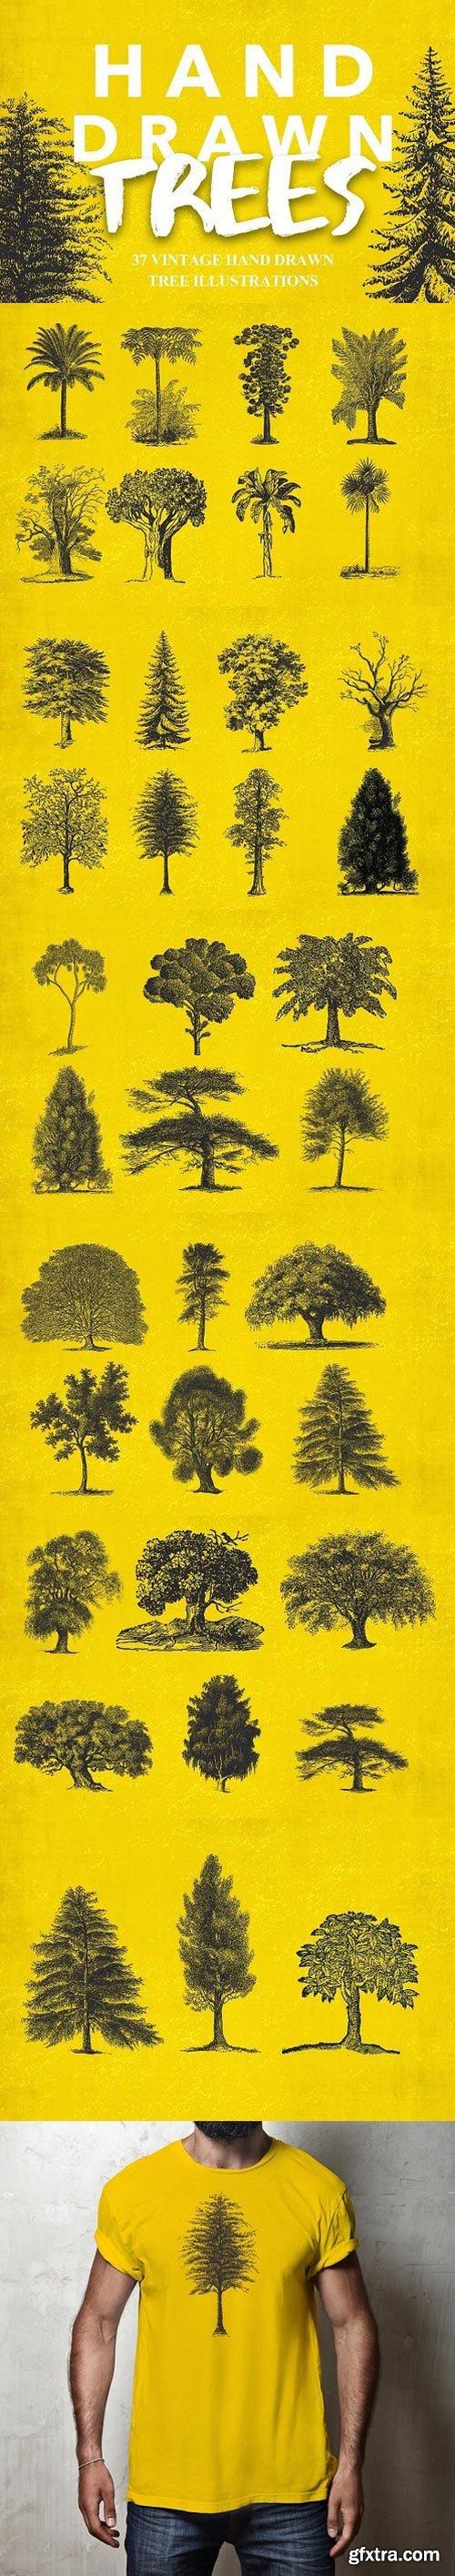 CM - 37 Vintage Tree Illustrations 1482071